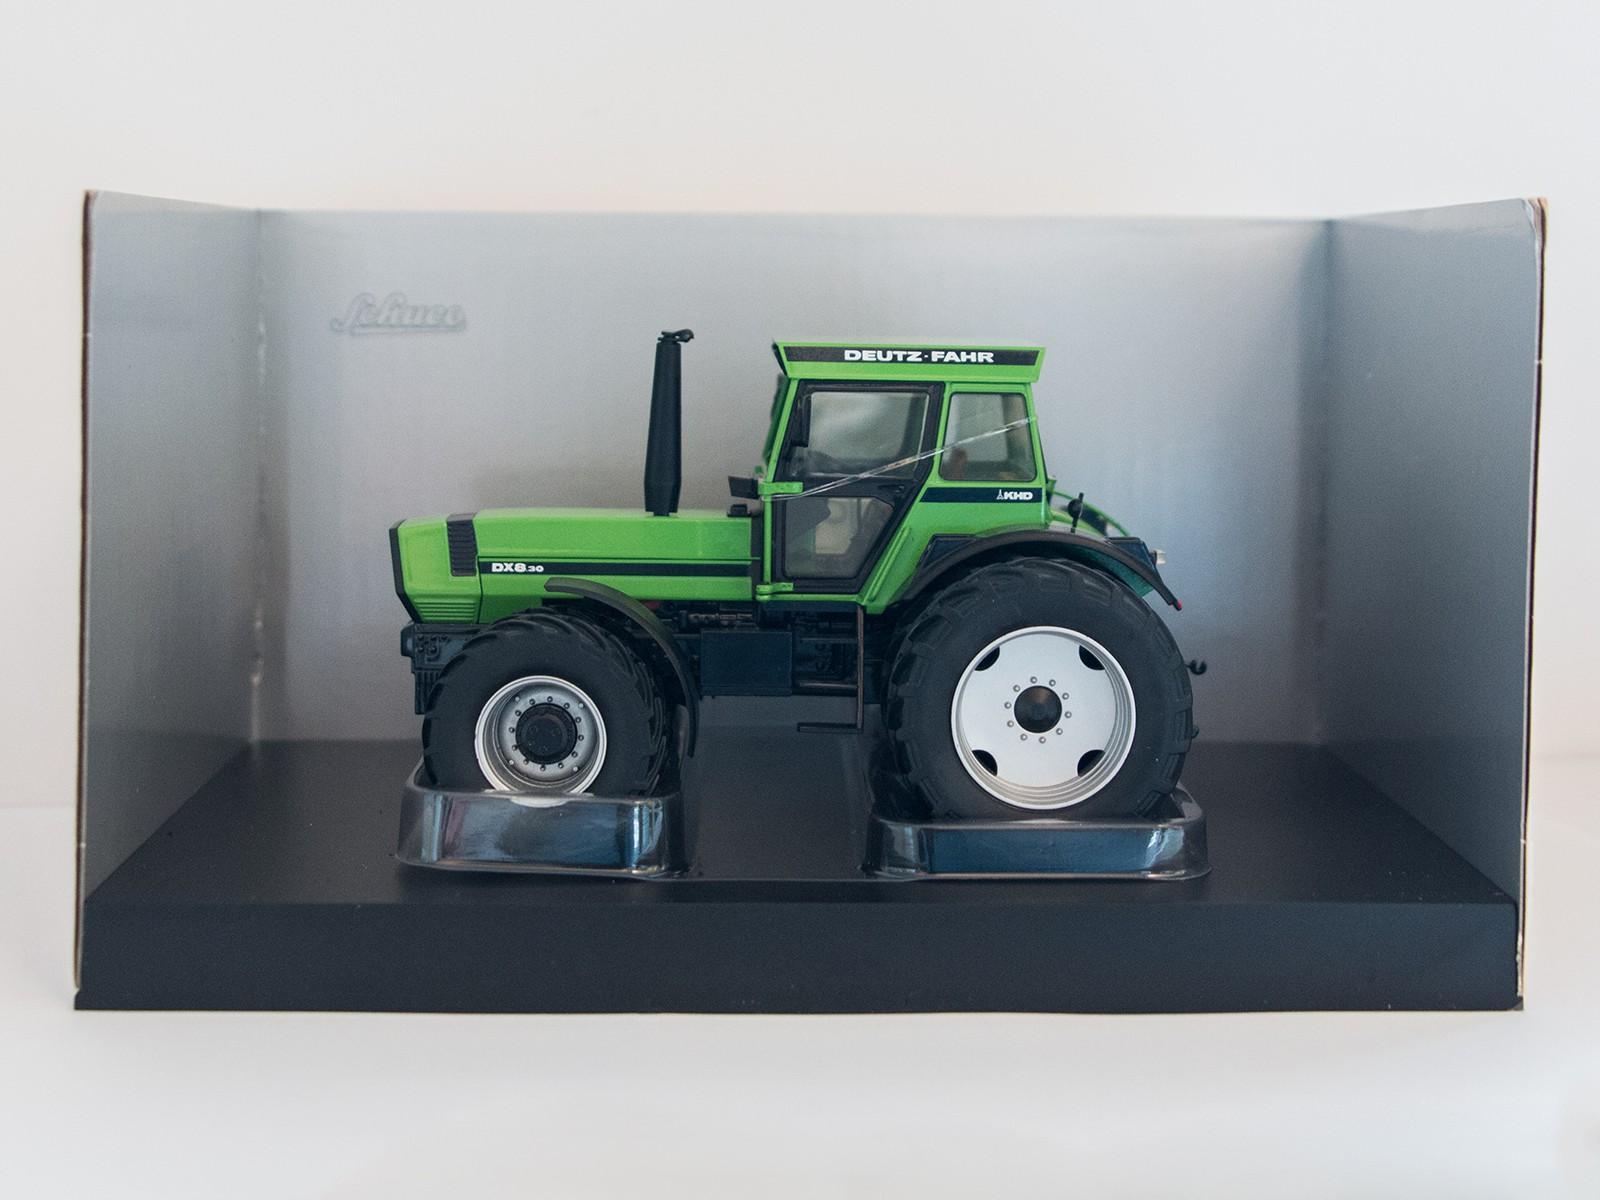 Schuco 07687 Deutz-Fahr DX 8.30 grün 1:32